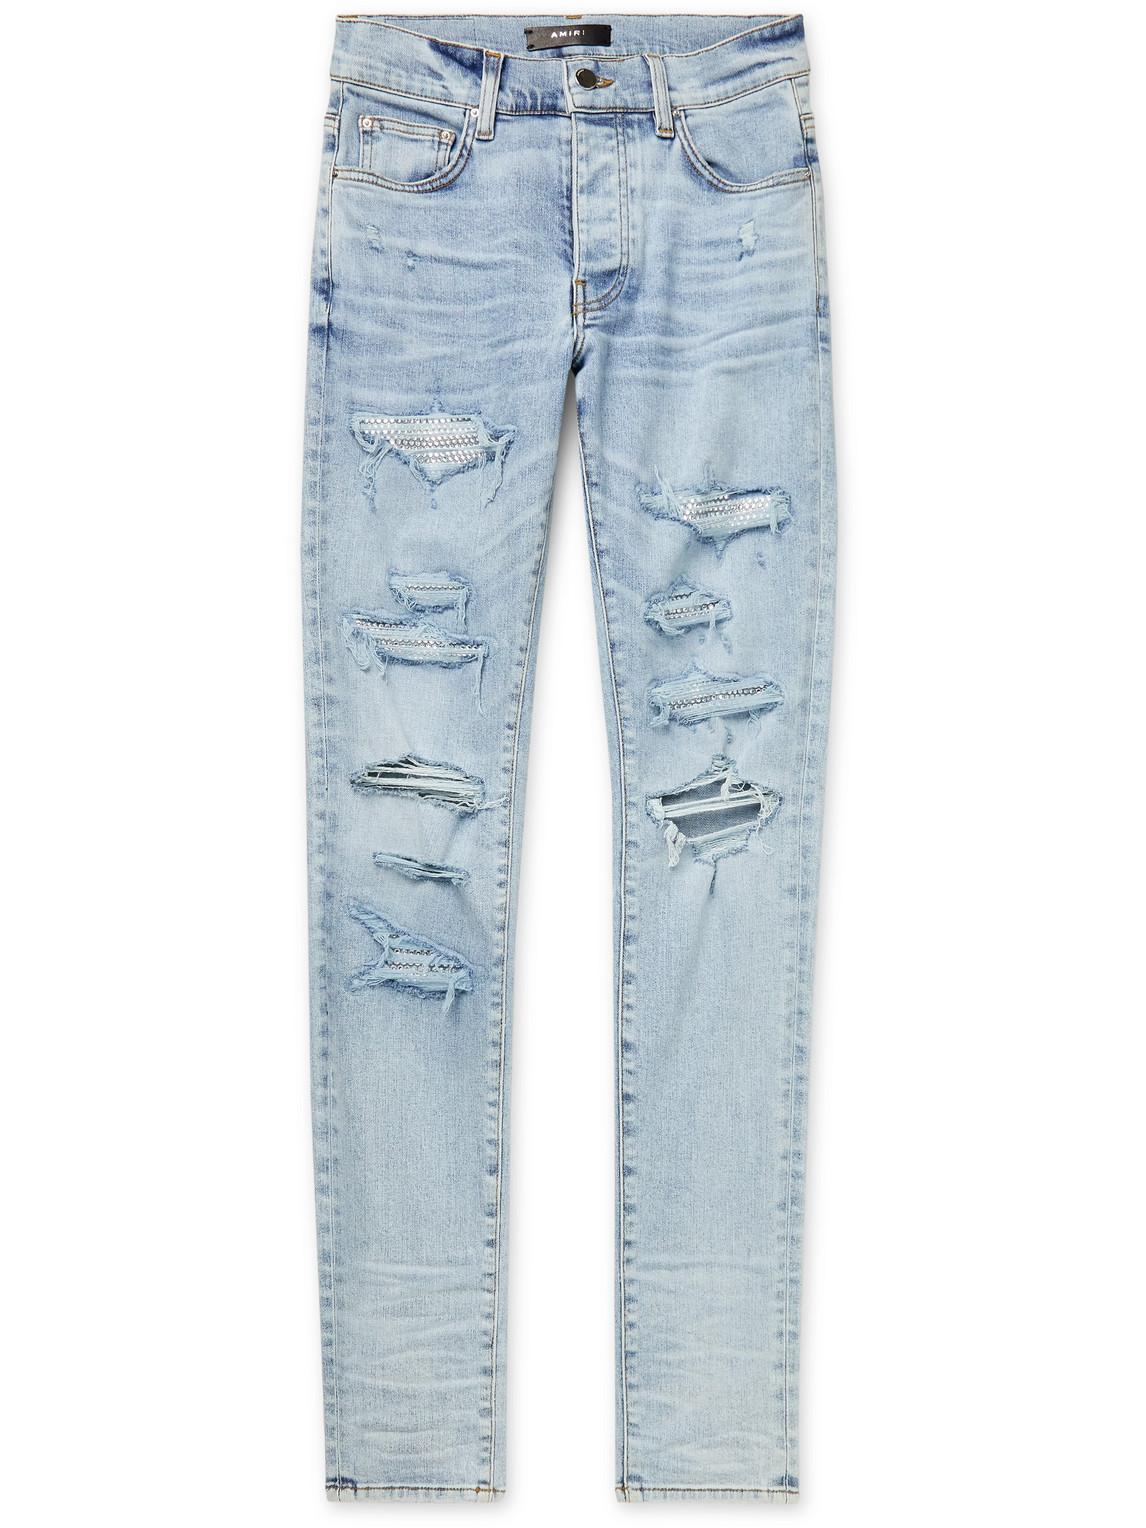 Skinny-Fit Swarovski Crystal-Embellished Distressed Stretch-Denim Jeans